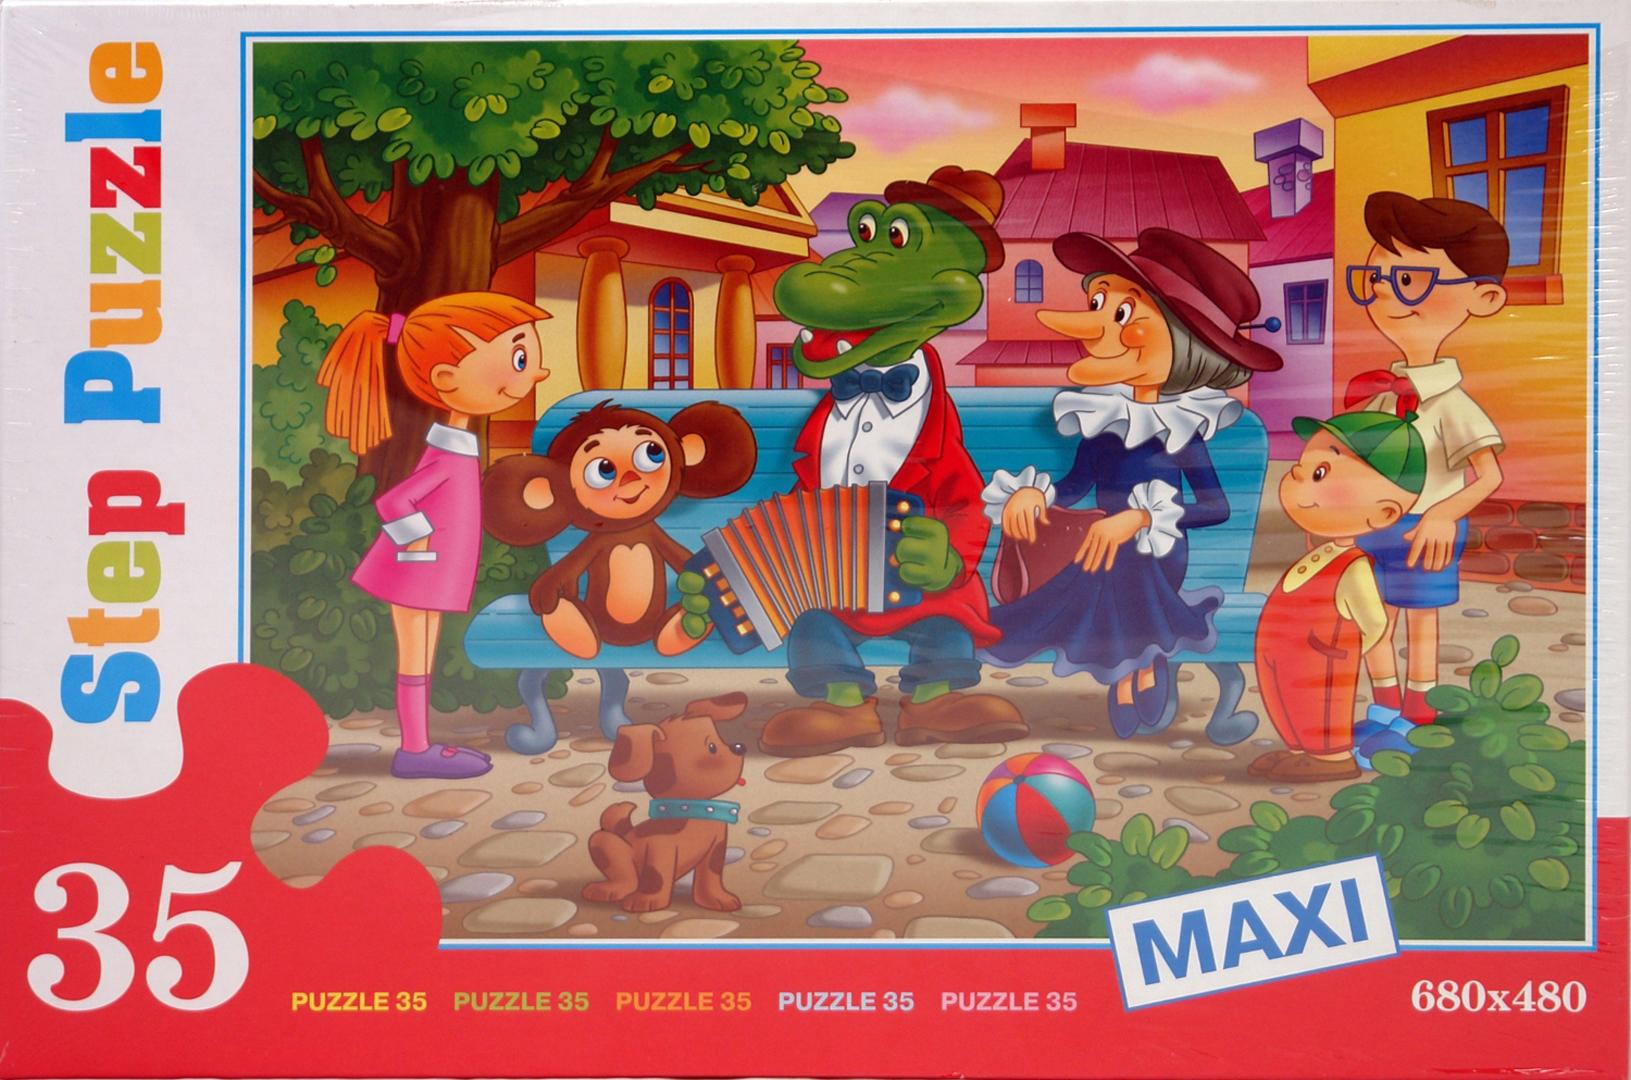 Иллюстрация 1 из 3 для Step Puzzle-35 MAXI Чебурашка (91301) | Лабиринт - игрушки. Источник: Лабиринт